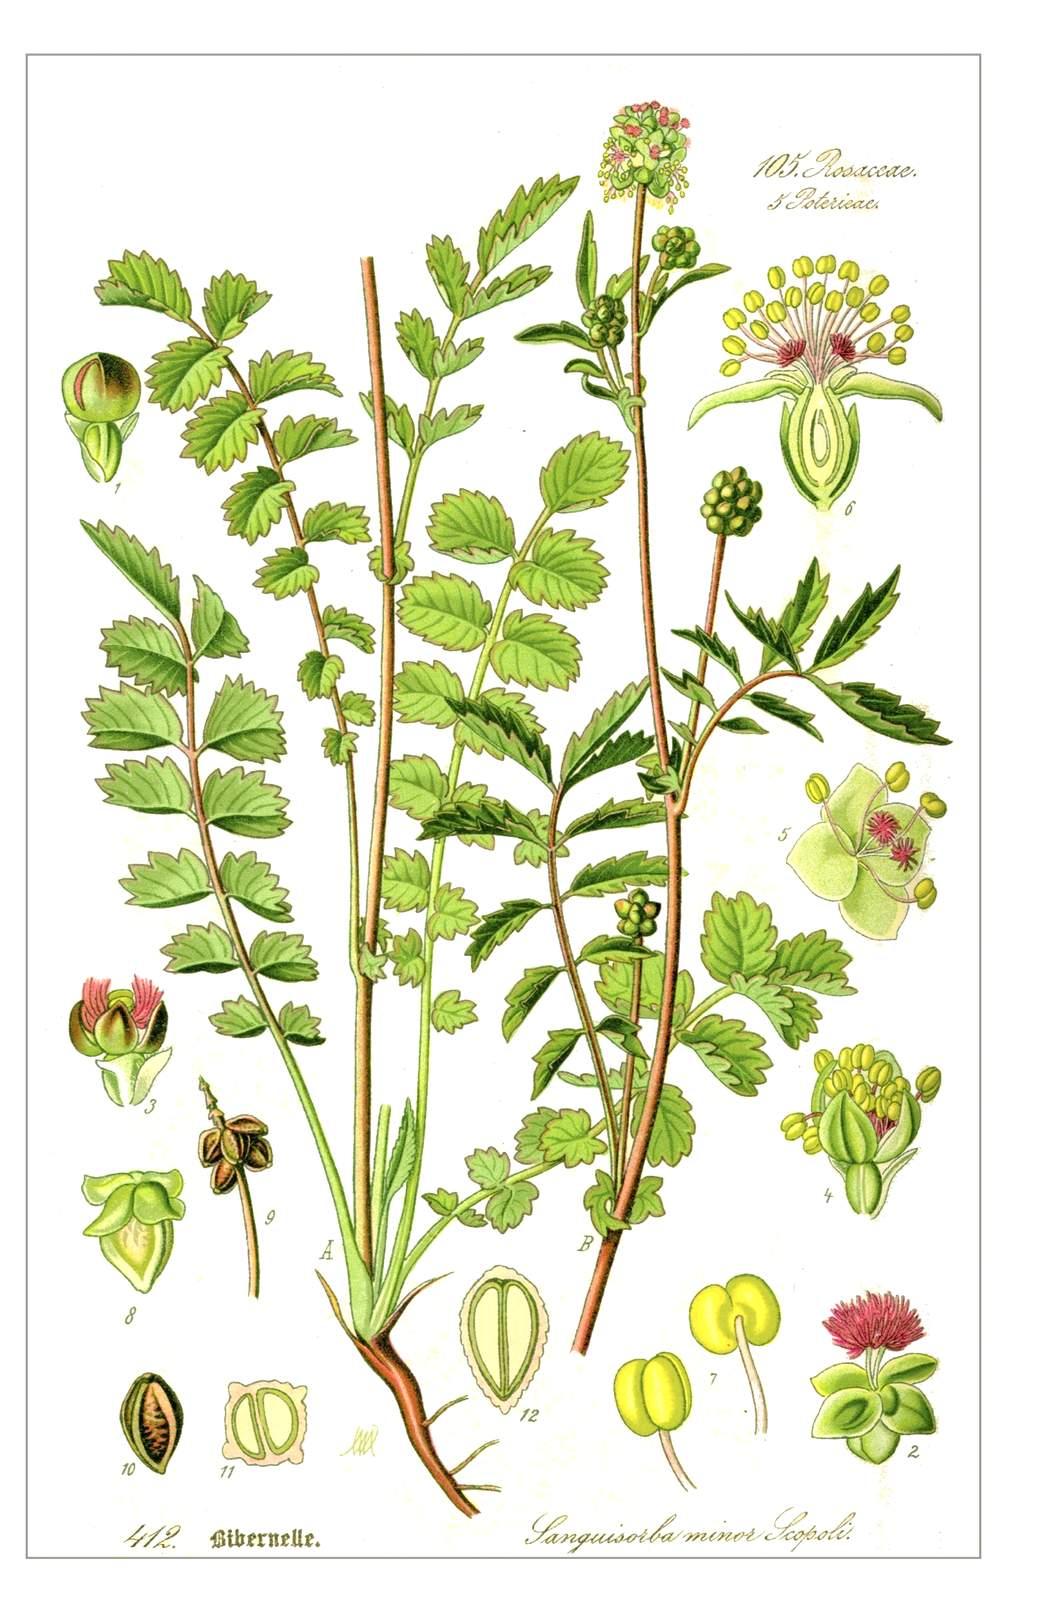 Kleiner Wiesenknopf – Sanguisorba minor